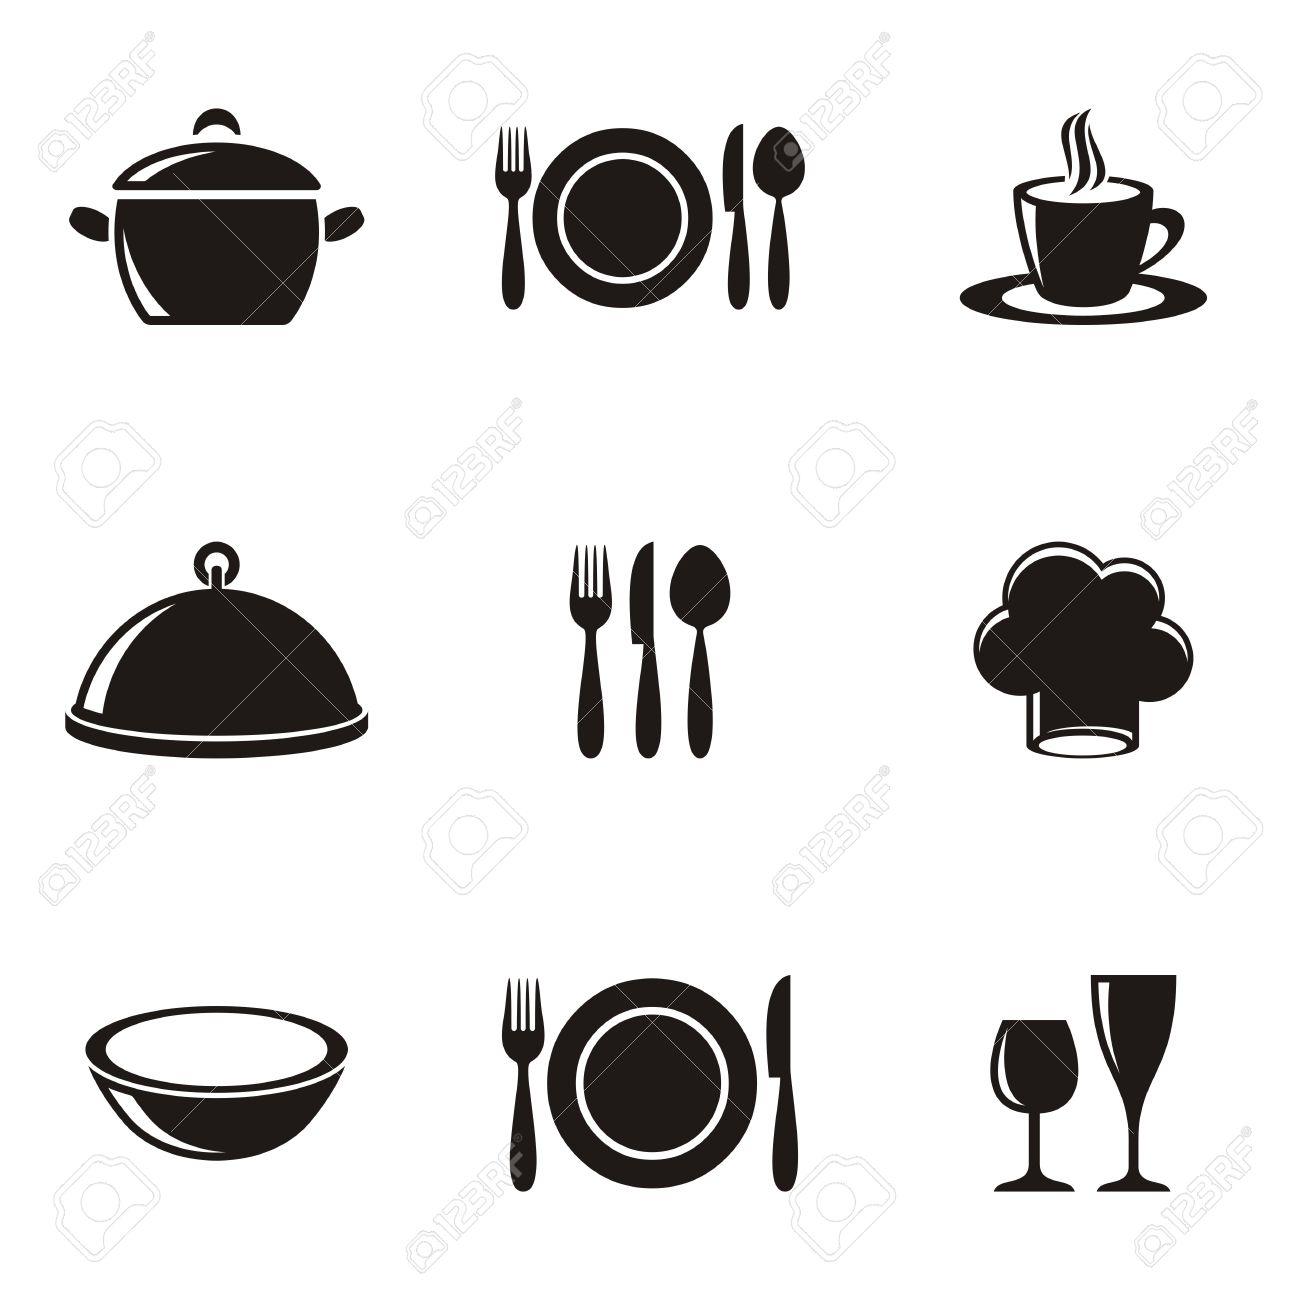 kochen und küche speisekarte silhouette icons sammlung lizenzfrei ... - Kochen Und Küche